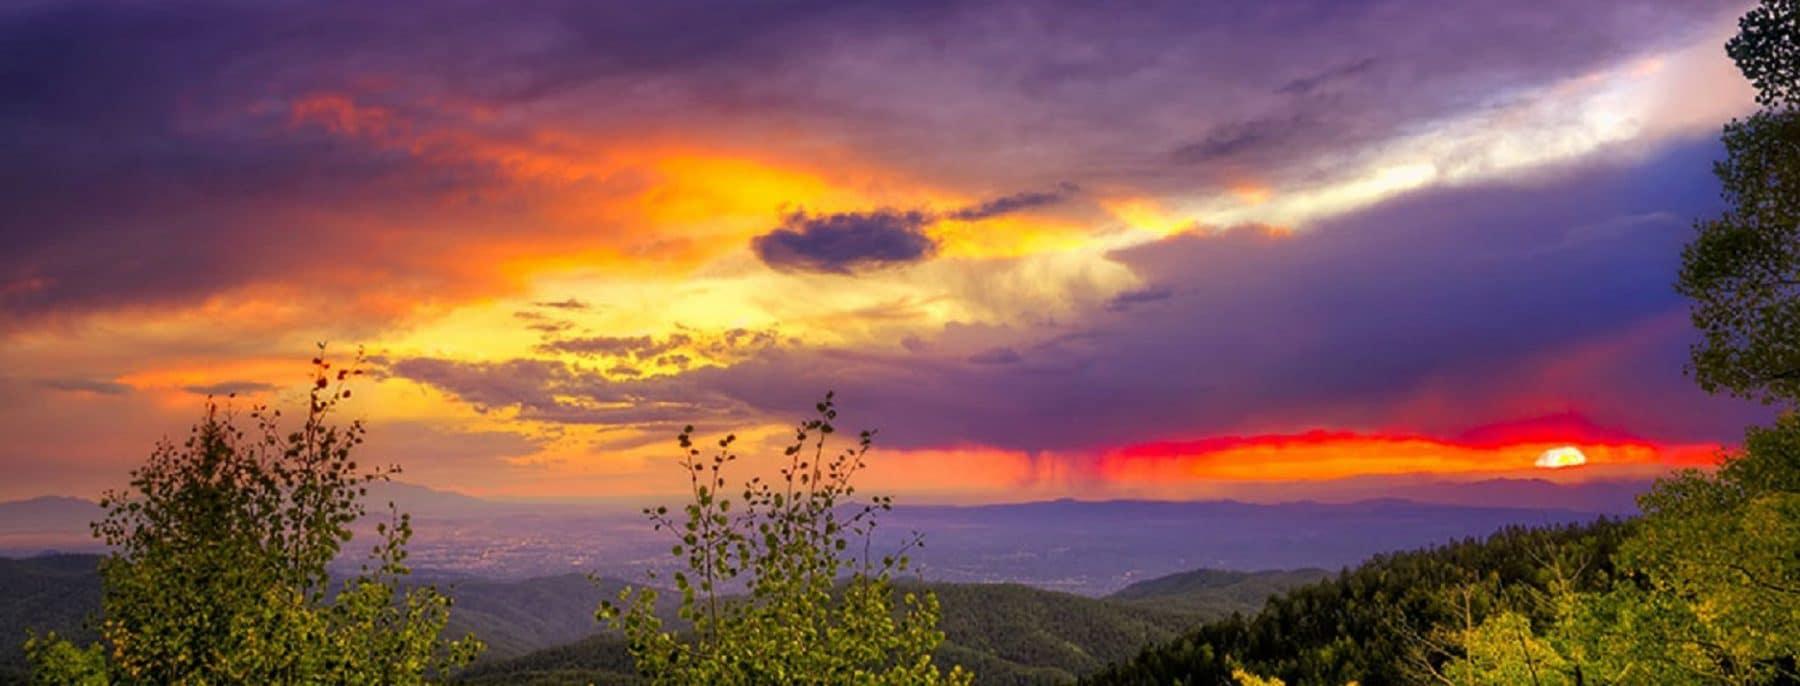 a beautiful Santa Fe sunset